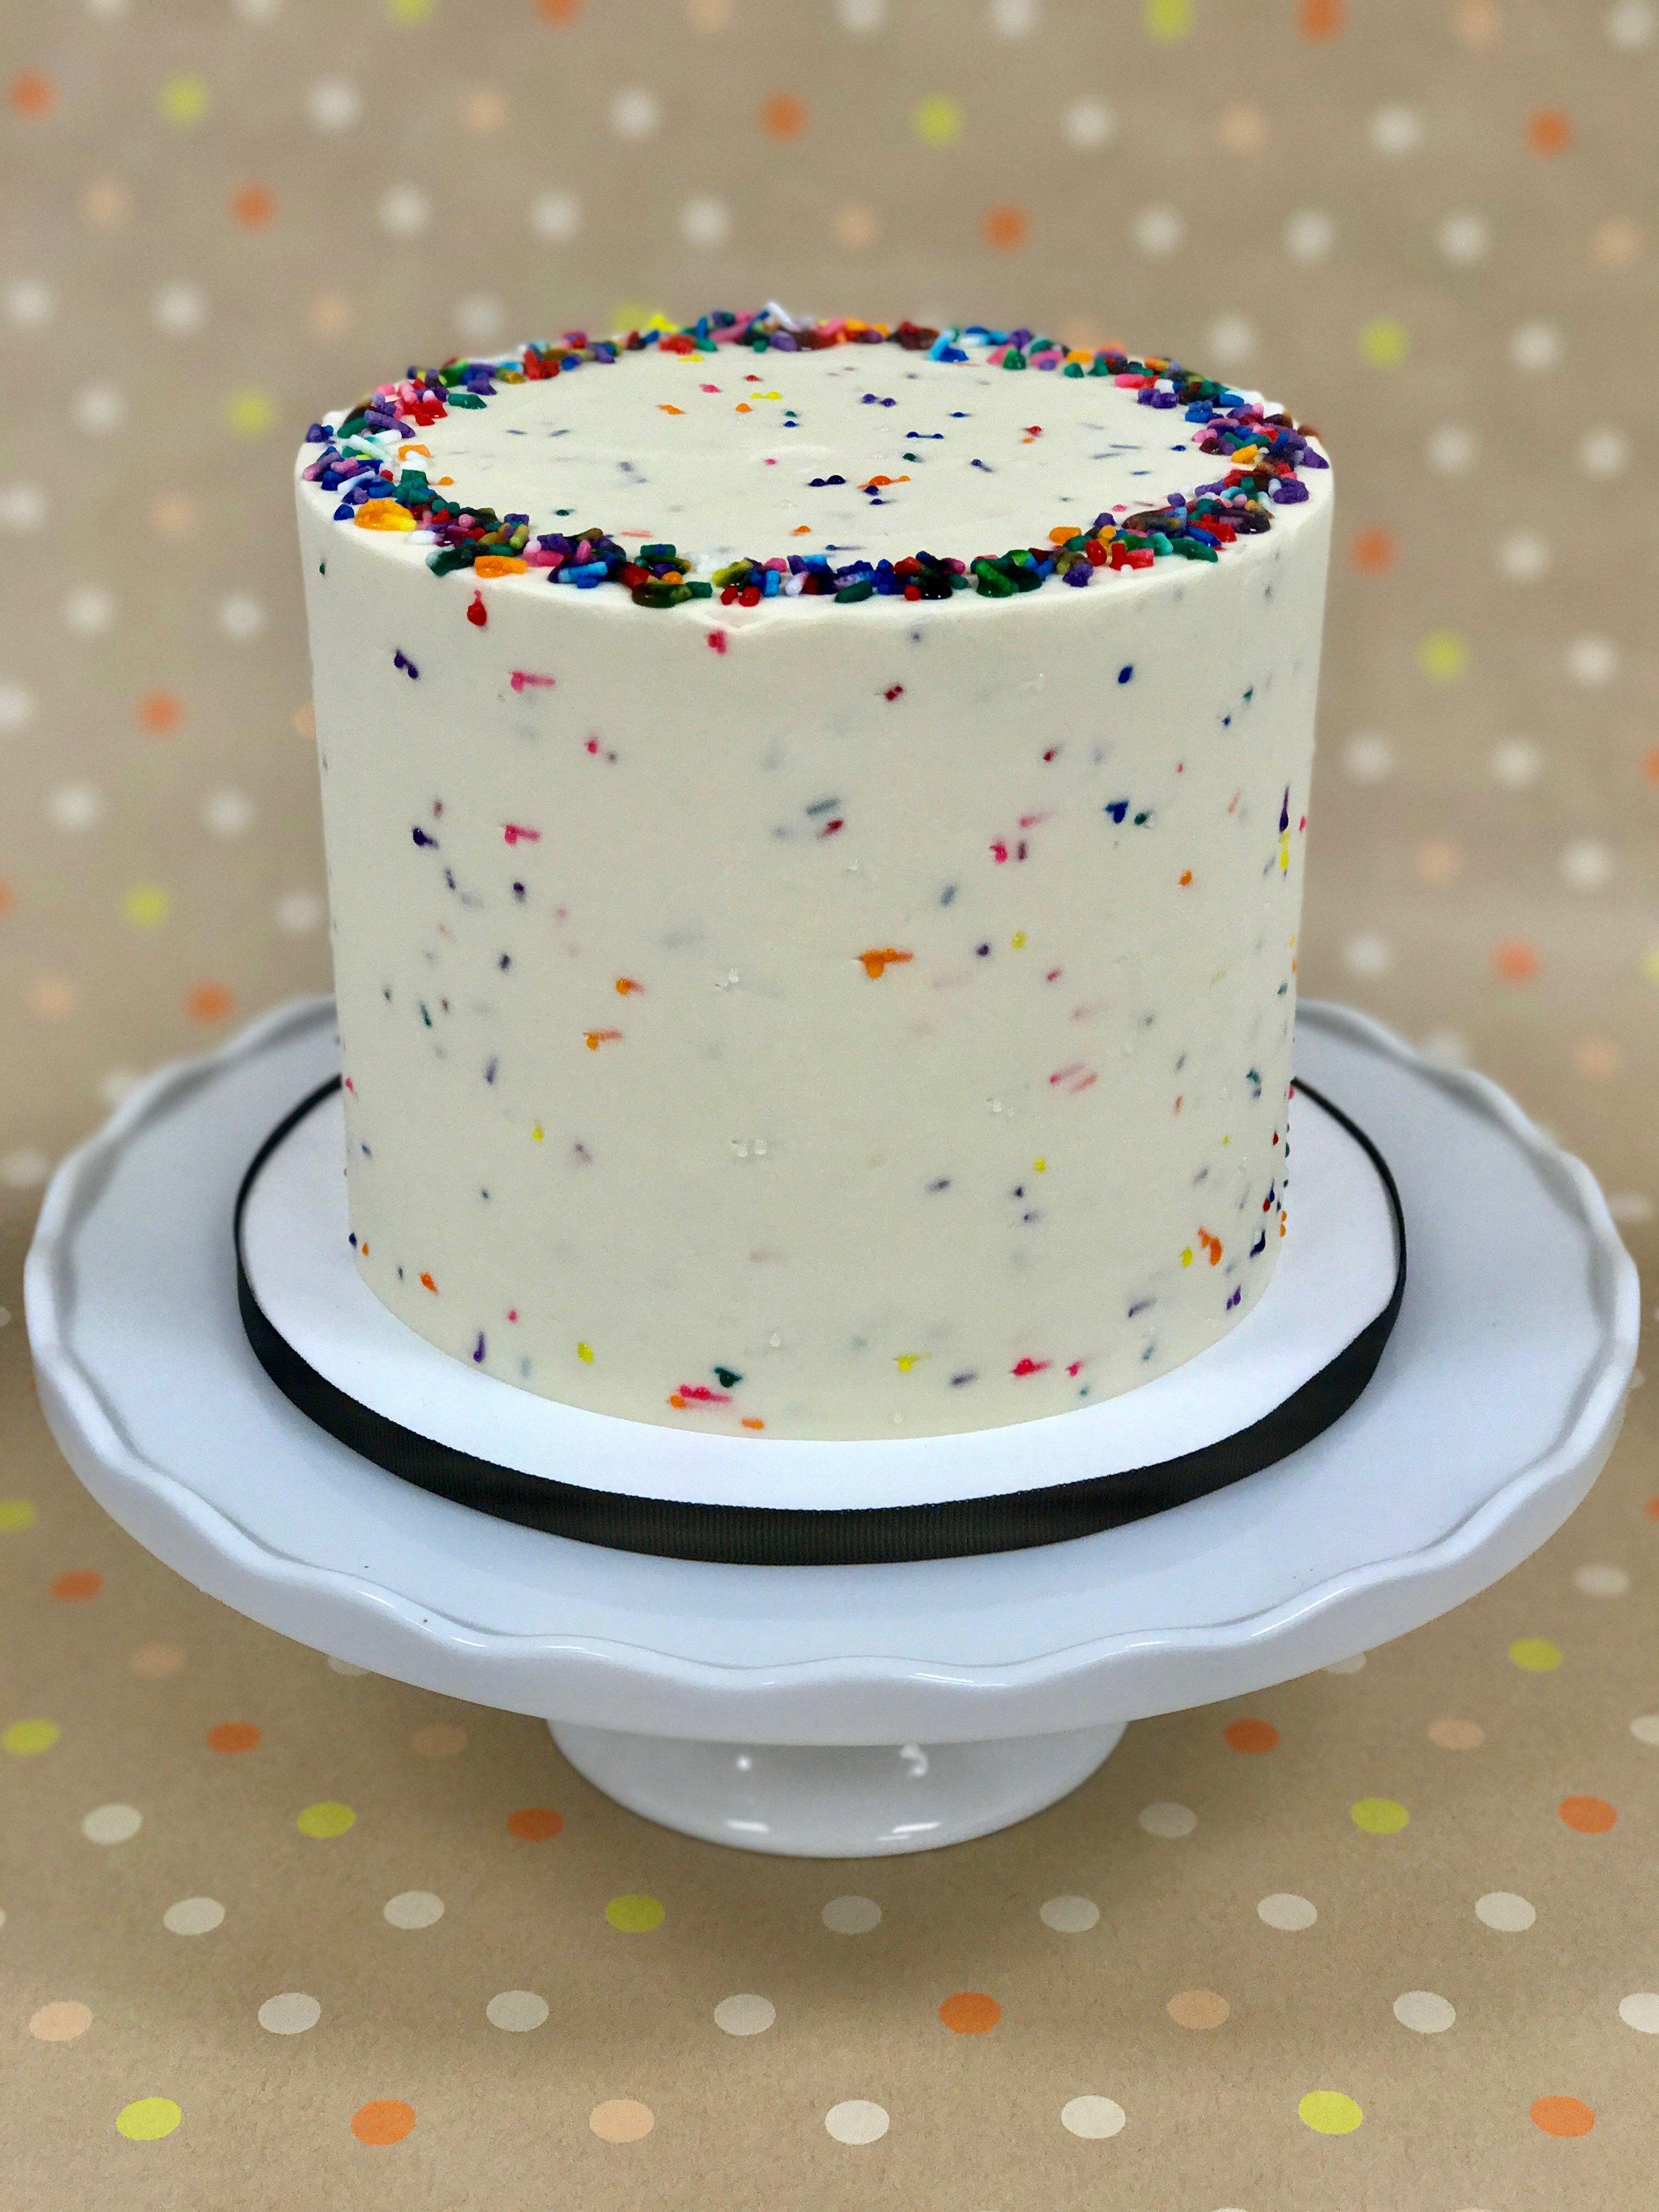 Confetti - Cake: Confetti (white cake with sprinkles)Filling: Confetti Swiss Meringue ButtercreamFrosting: Confetti Swiss Meringue Buttercream and Sprinkles